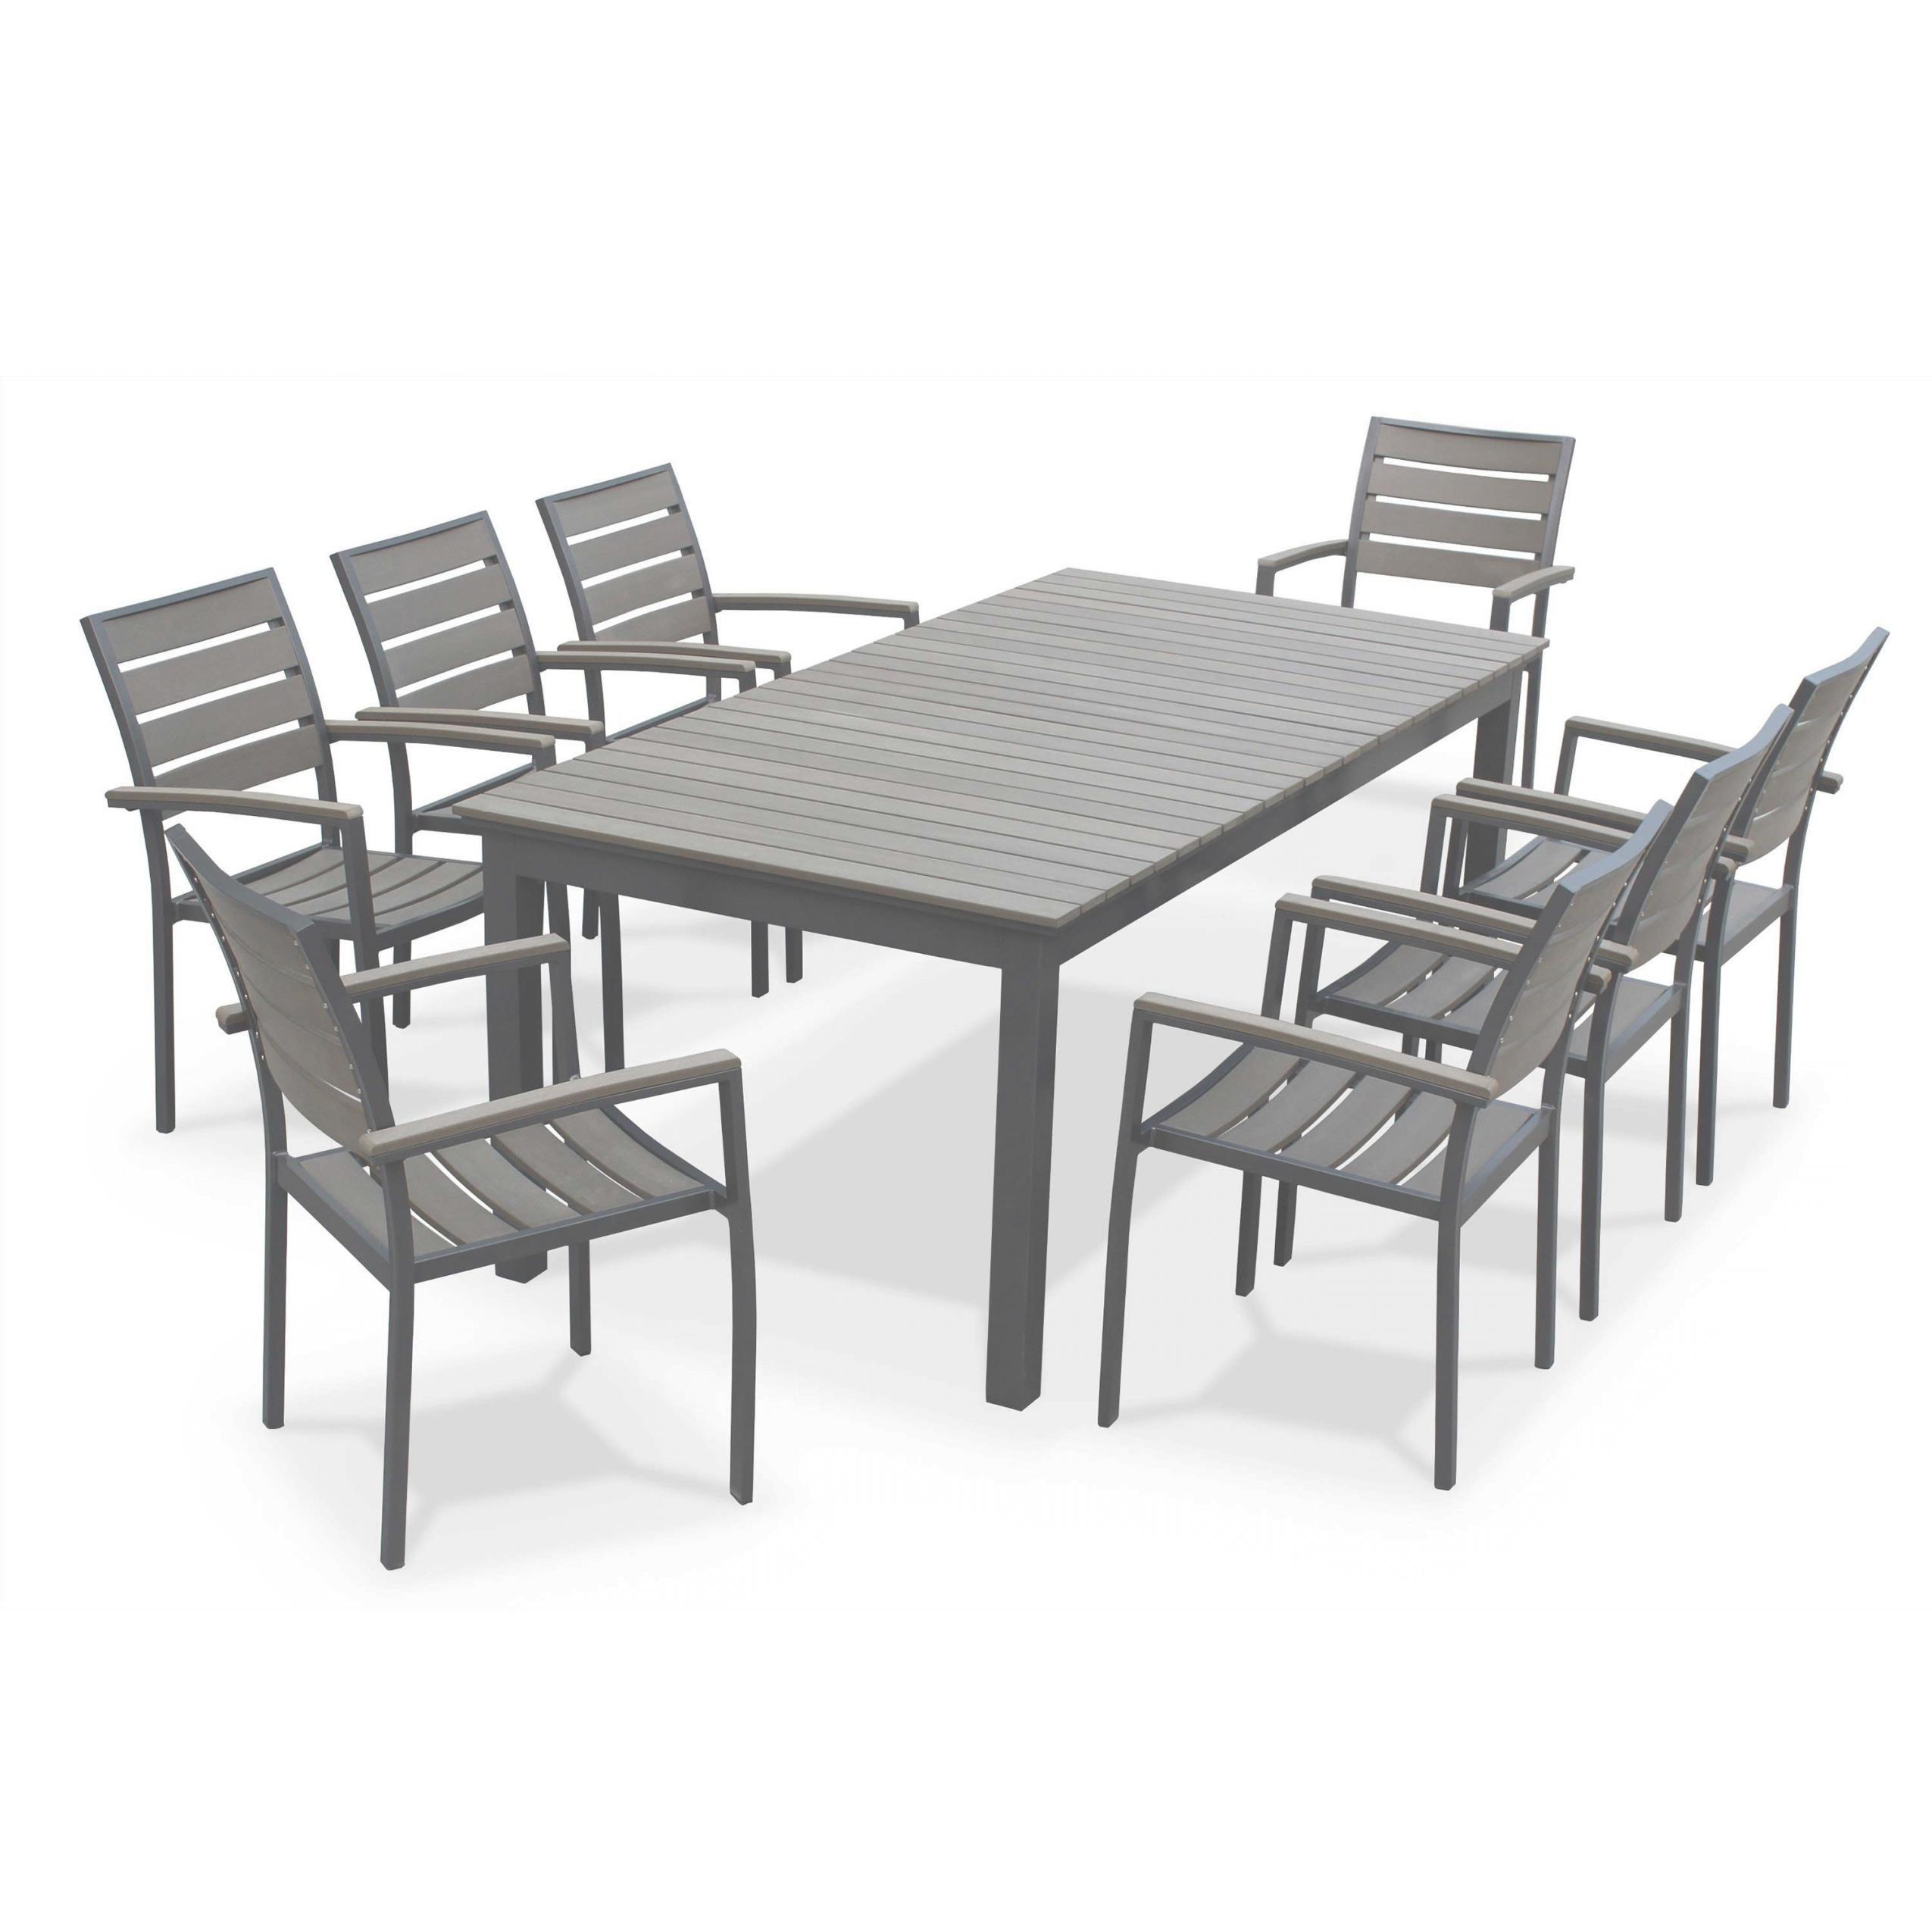 4 Places Jardin De Extensible Table 5qcSR4A3jL